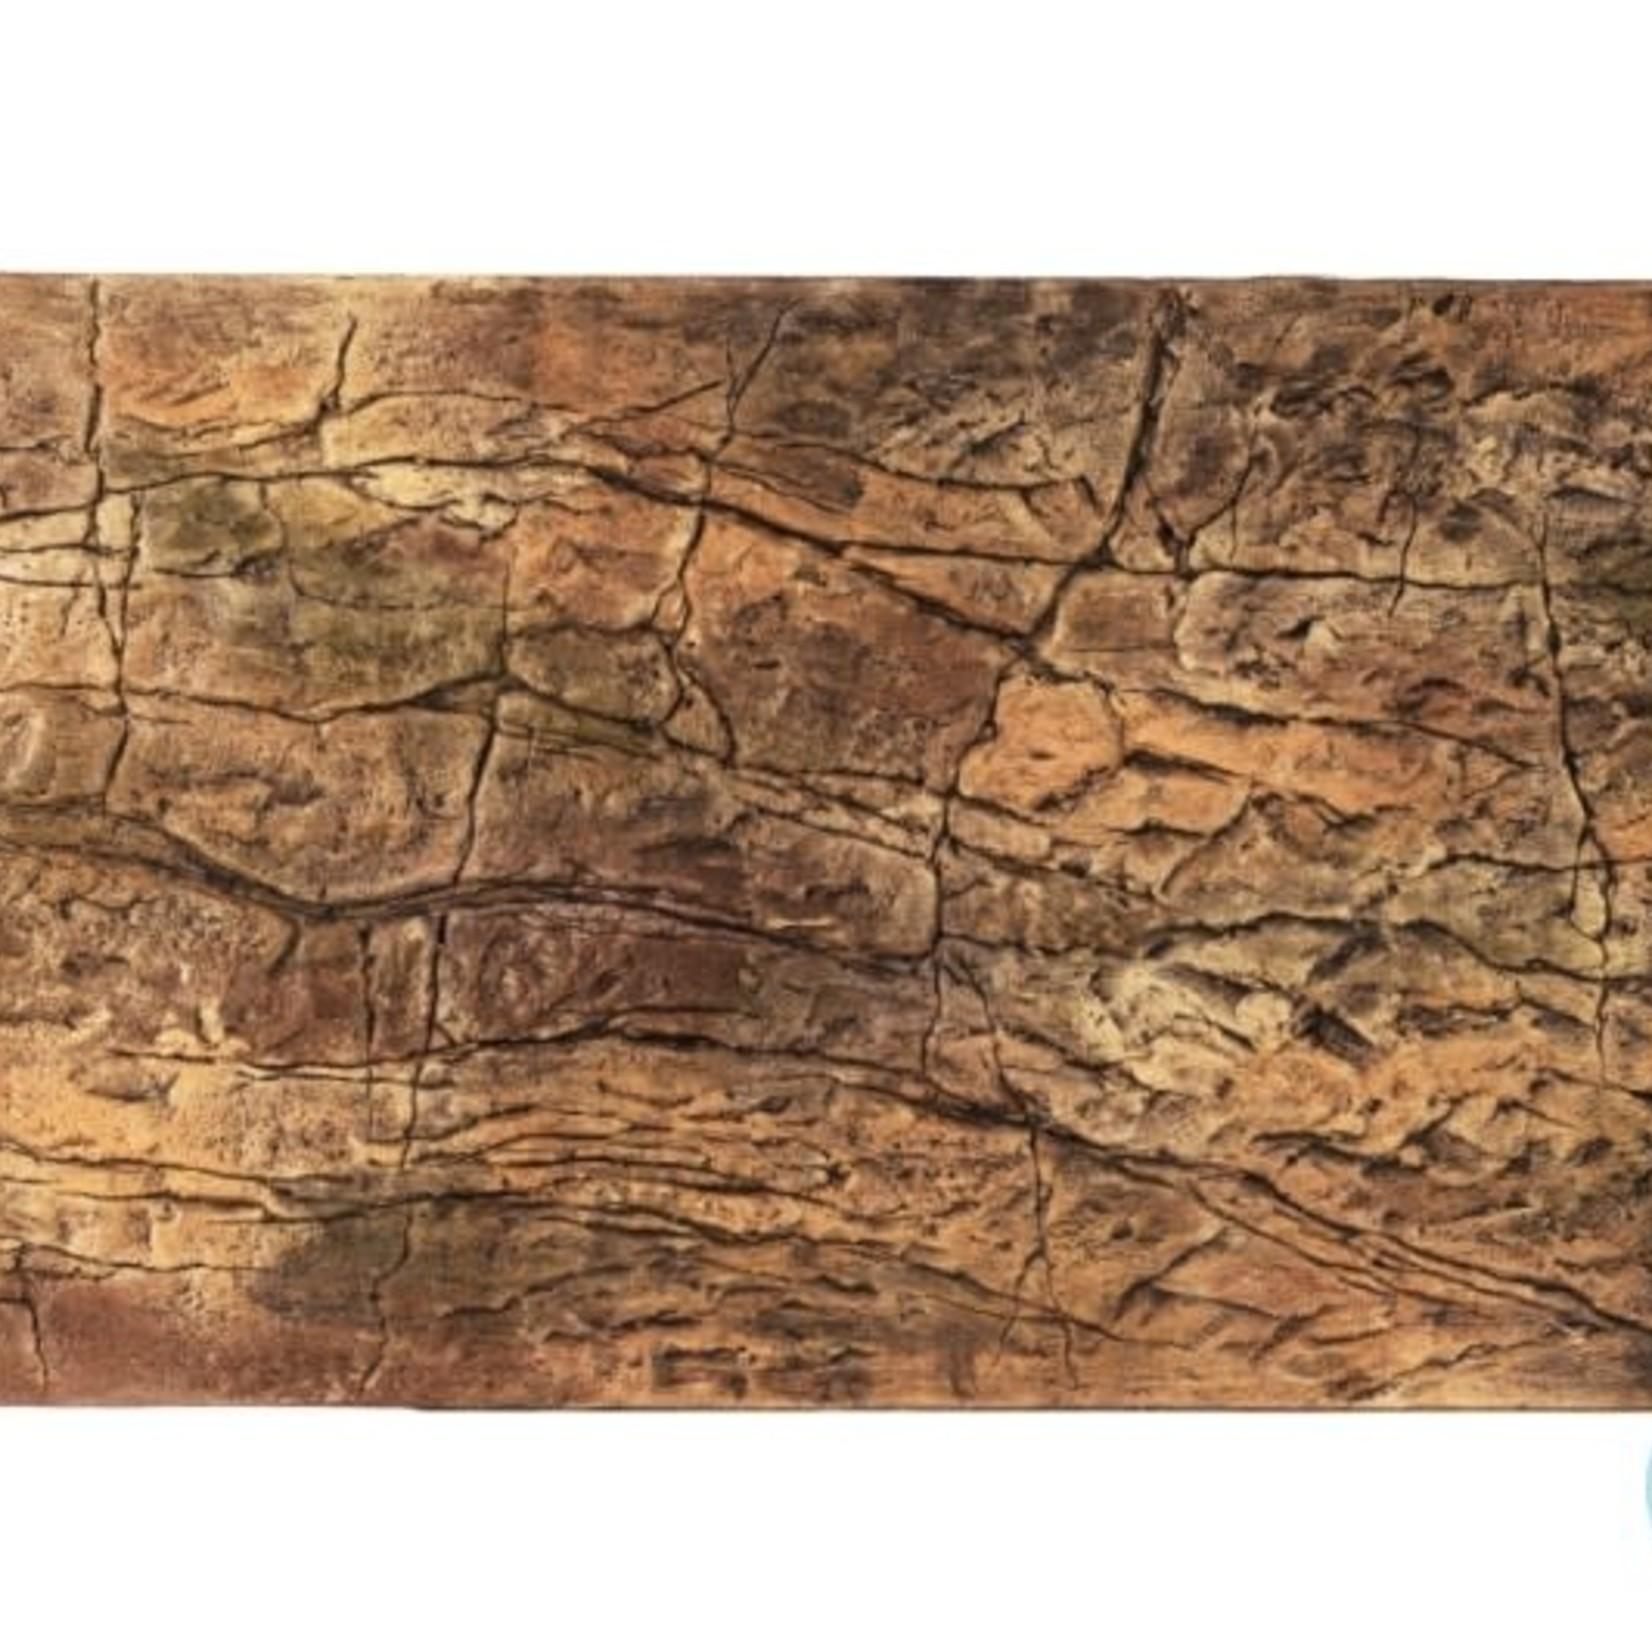 Ceramic Nature Background terrarium thin